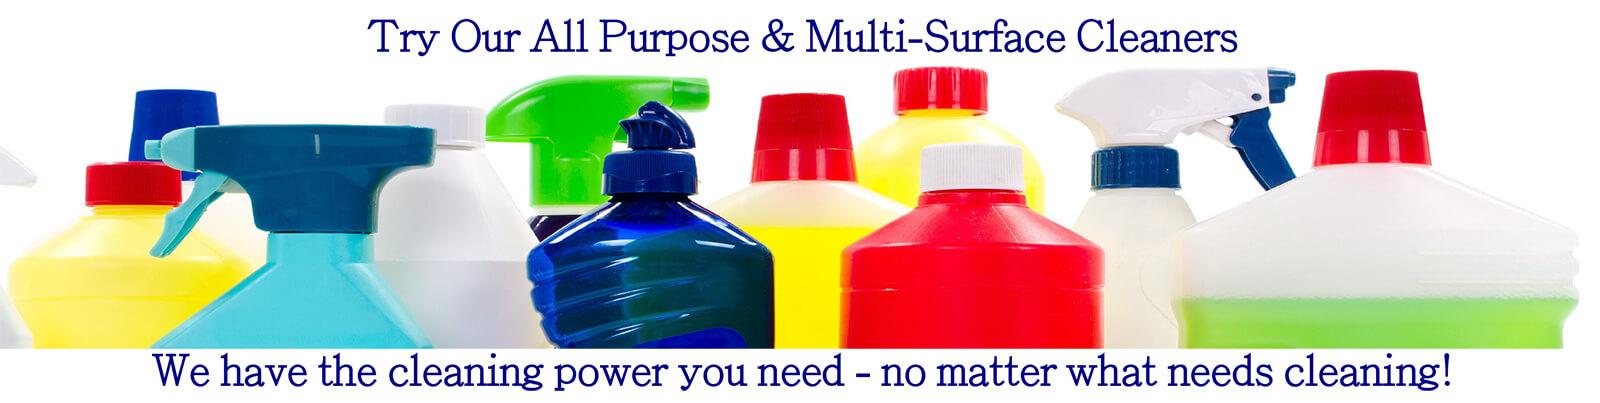 all-purpose-multi-surface-banner-opt-v2.jpg